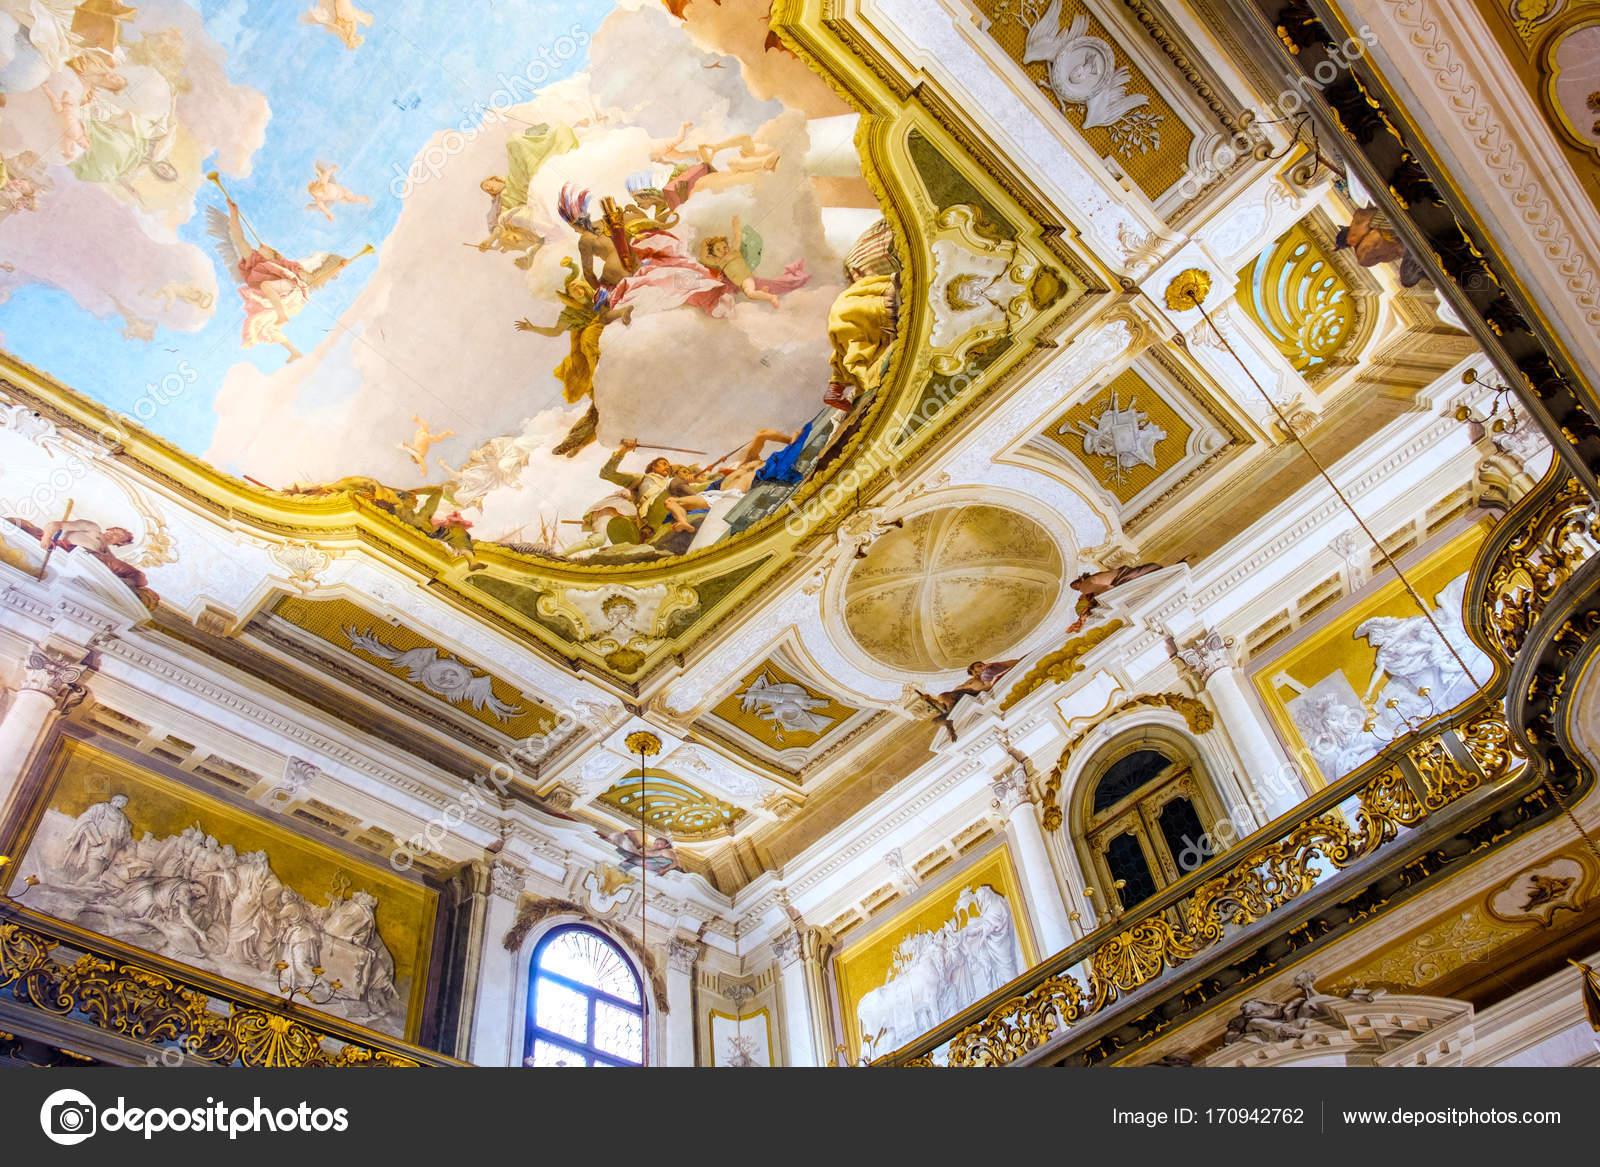 Interni Di Villa Pisani : Gli interni di villa pisani dipinto soffitto affrescato con balcone